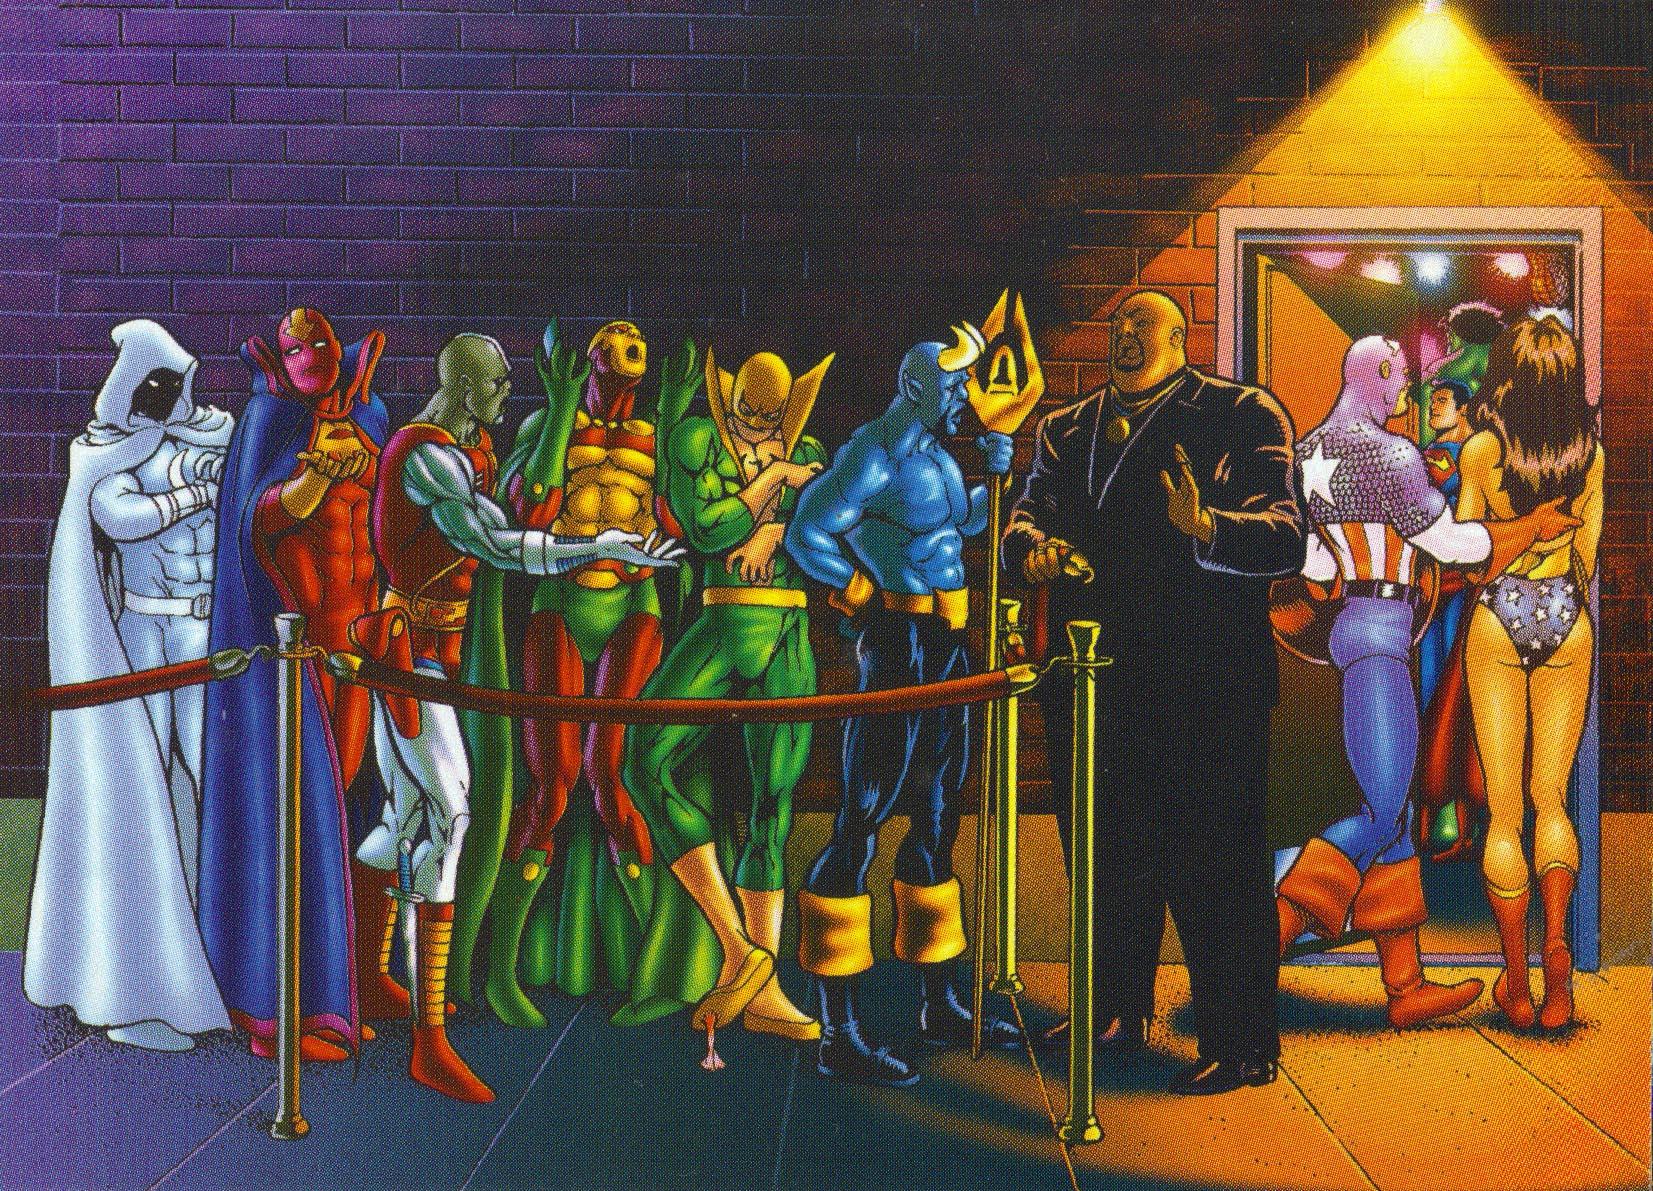 superhero nightclub pic